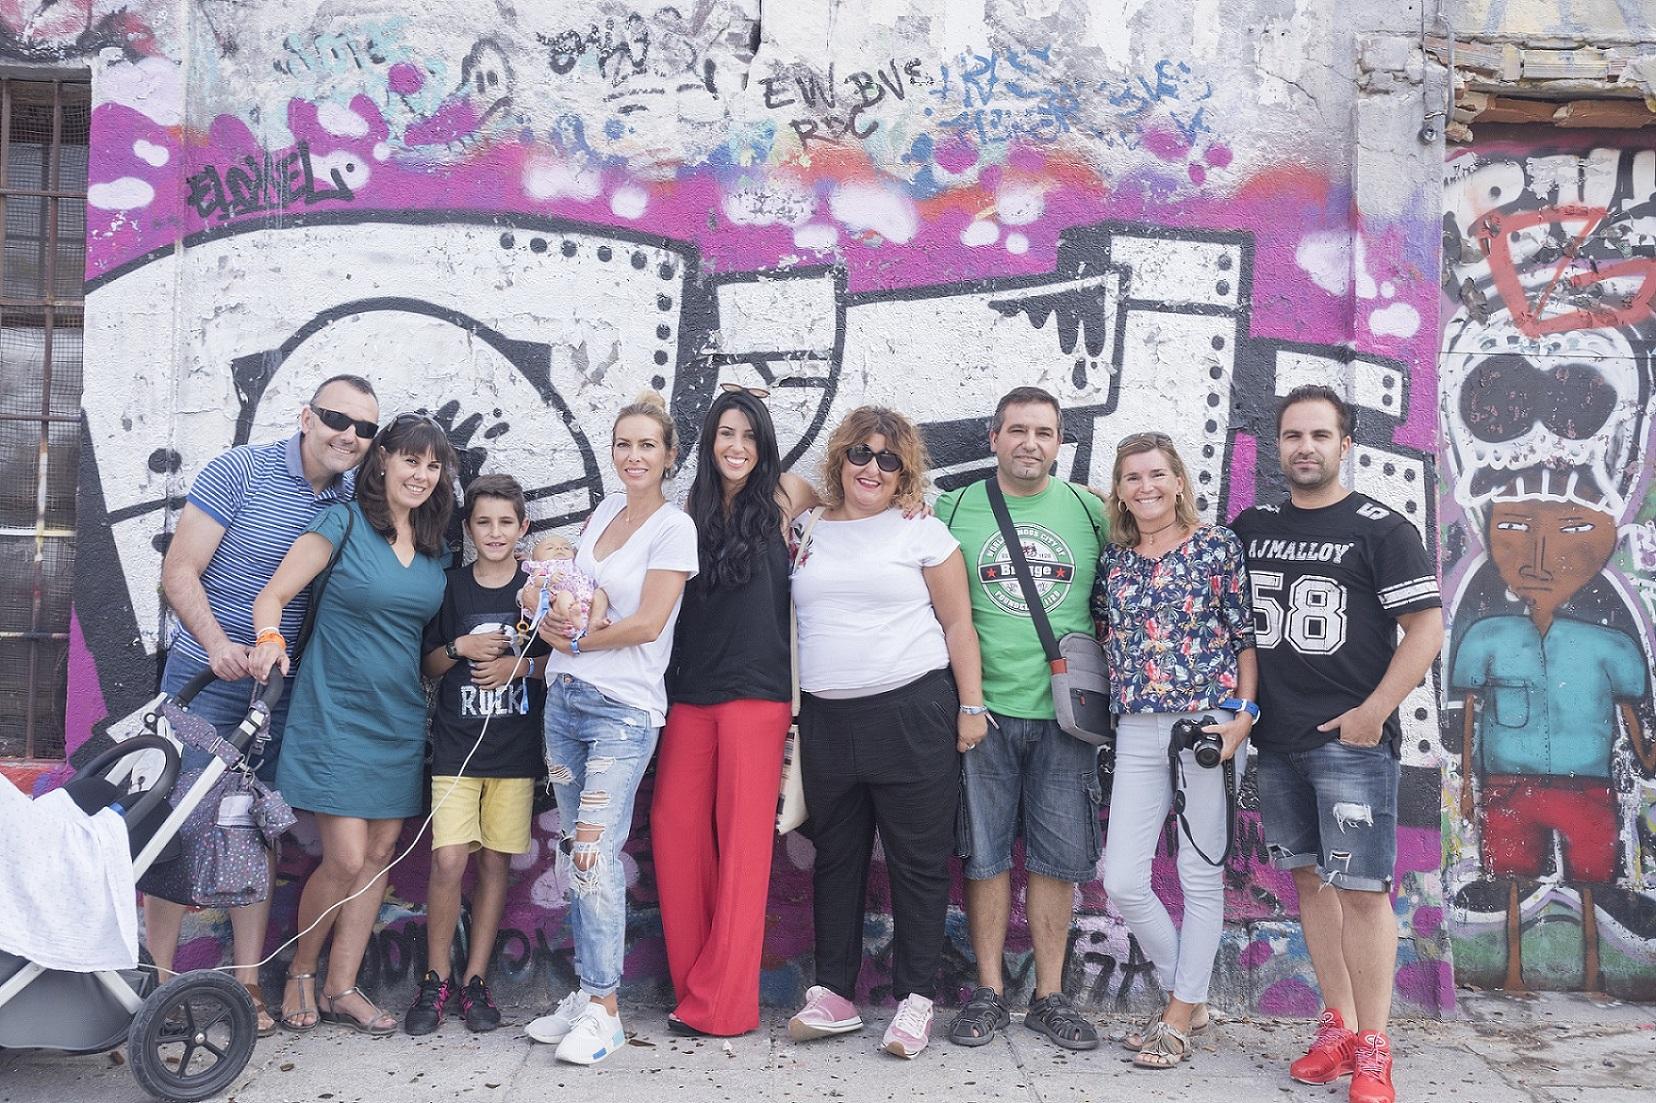 De-izqda-a-drcha_Jesús-y-Eva-padres-de-Carla-Gari-Alba-directora-de-NUPA-Nerea-y-Alfonso-padres-de-Gari-Conchita-presidenta-de-NUPA-y-Alberto-de-la-Fuente-fotógrafo